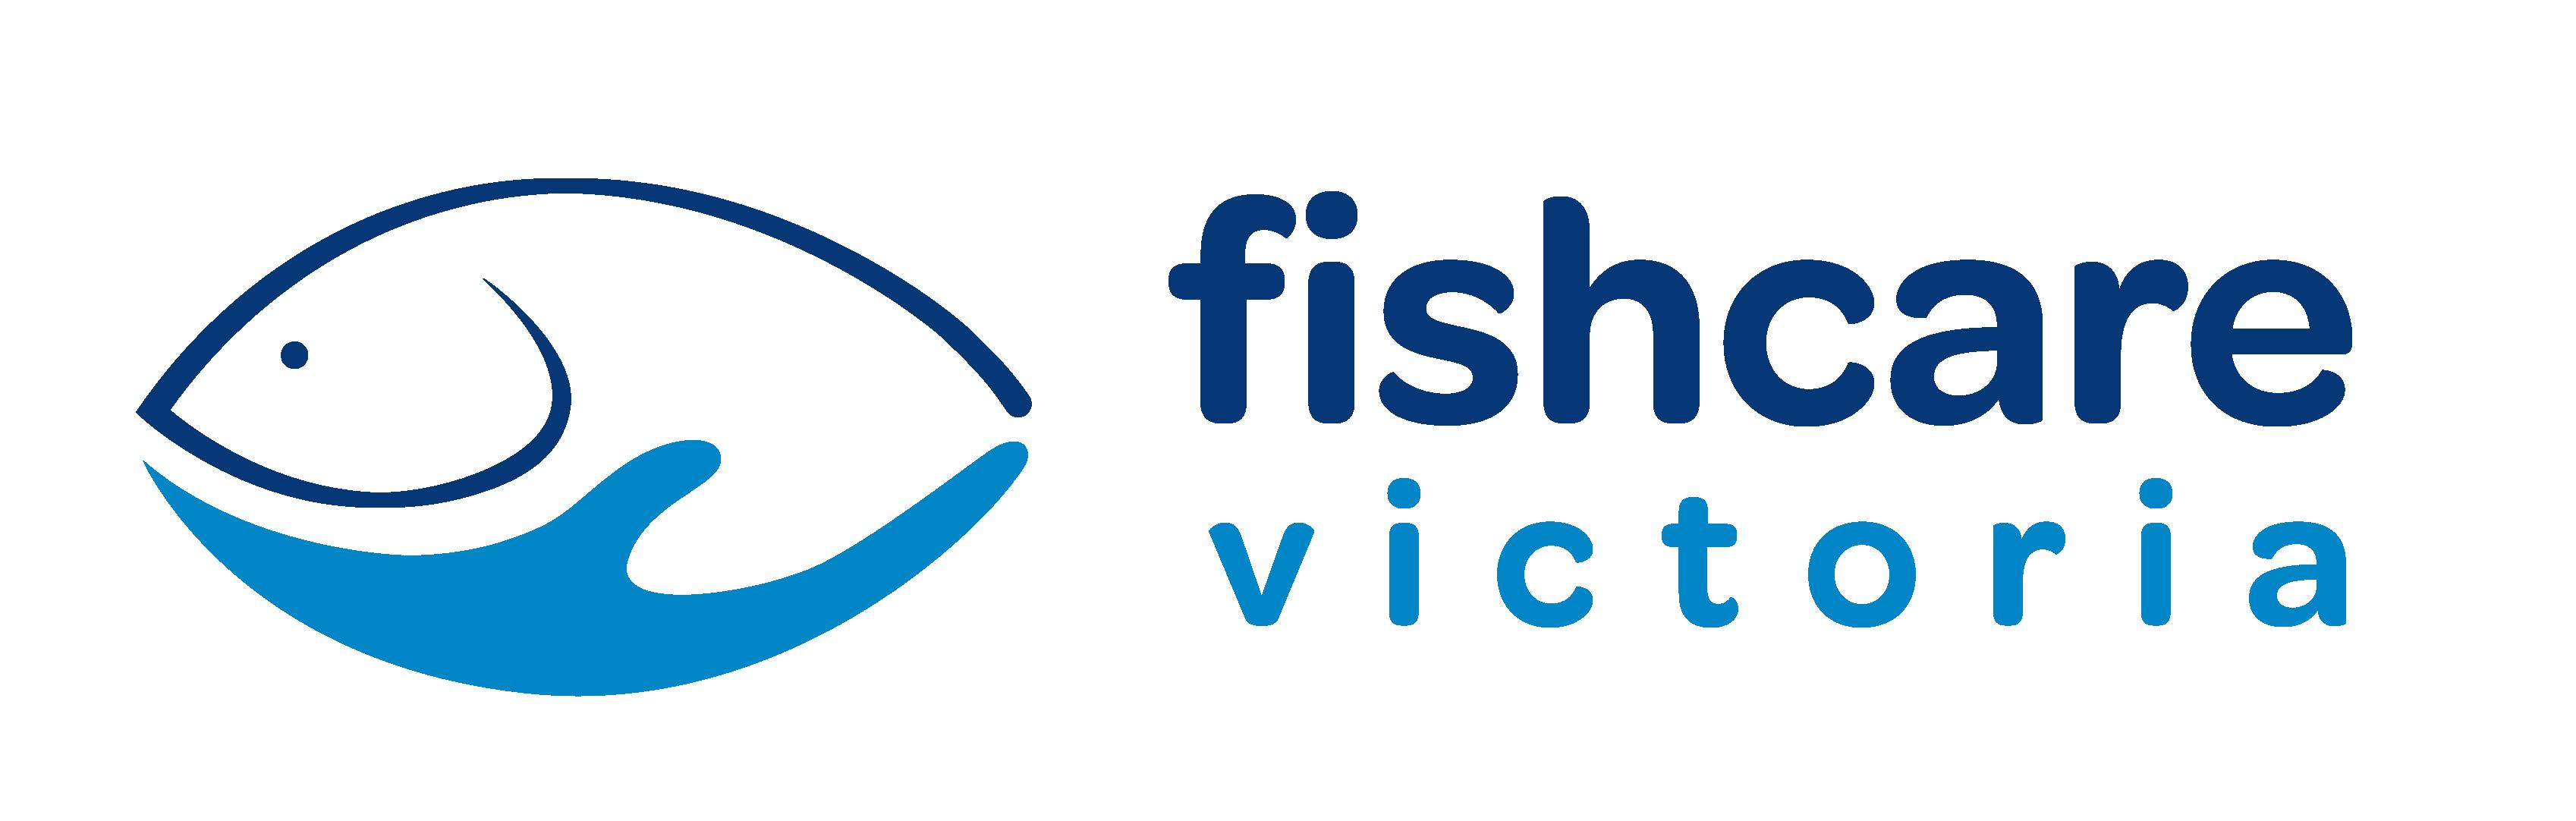 Fishcare Victoria